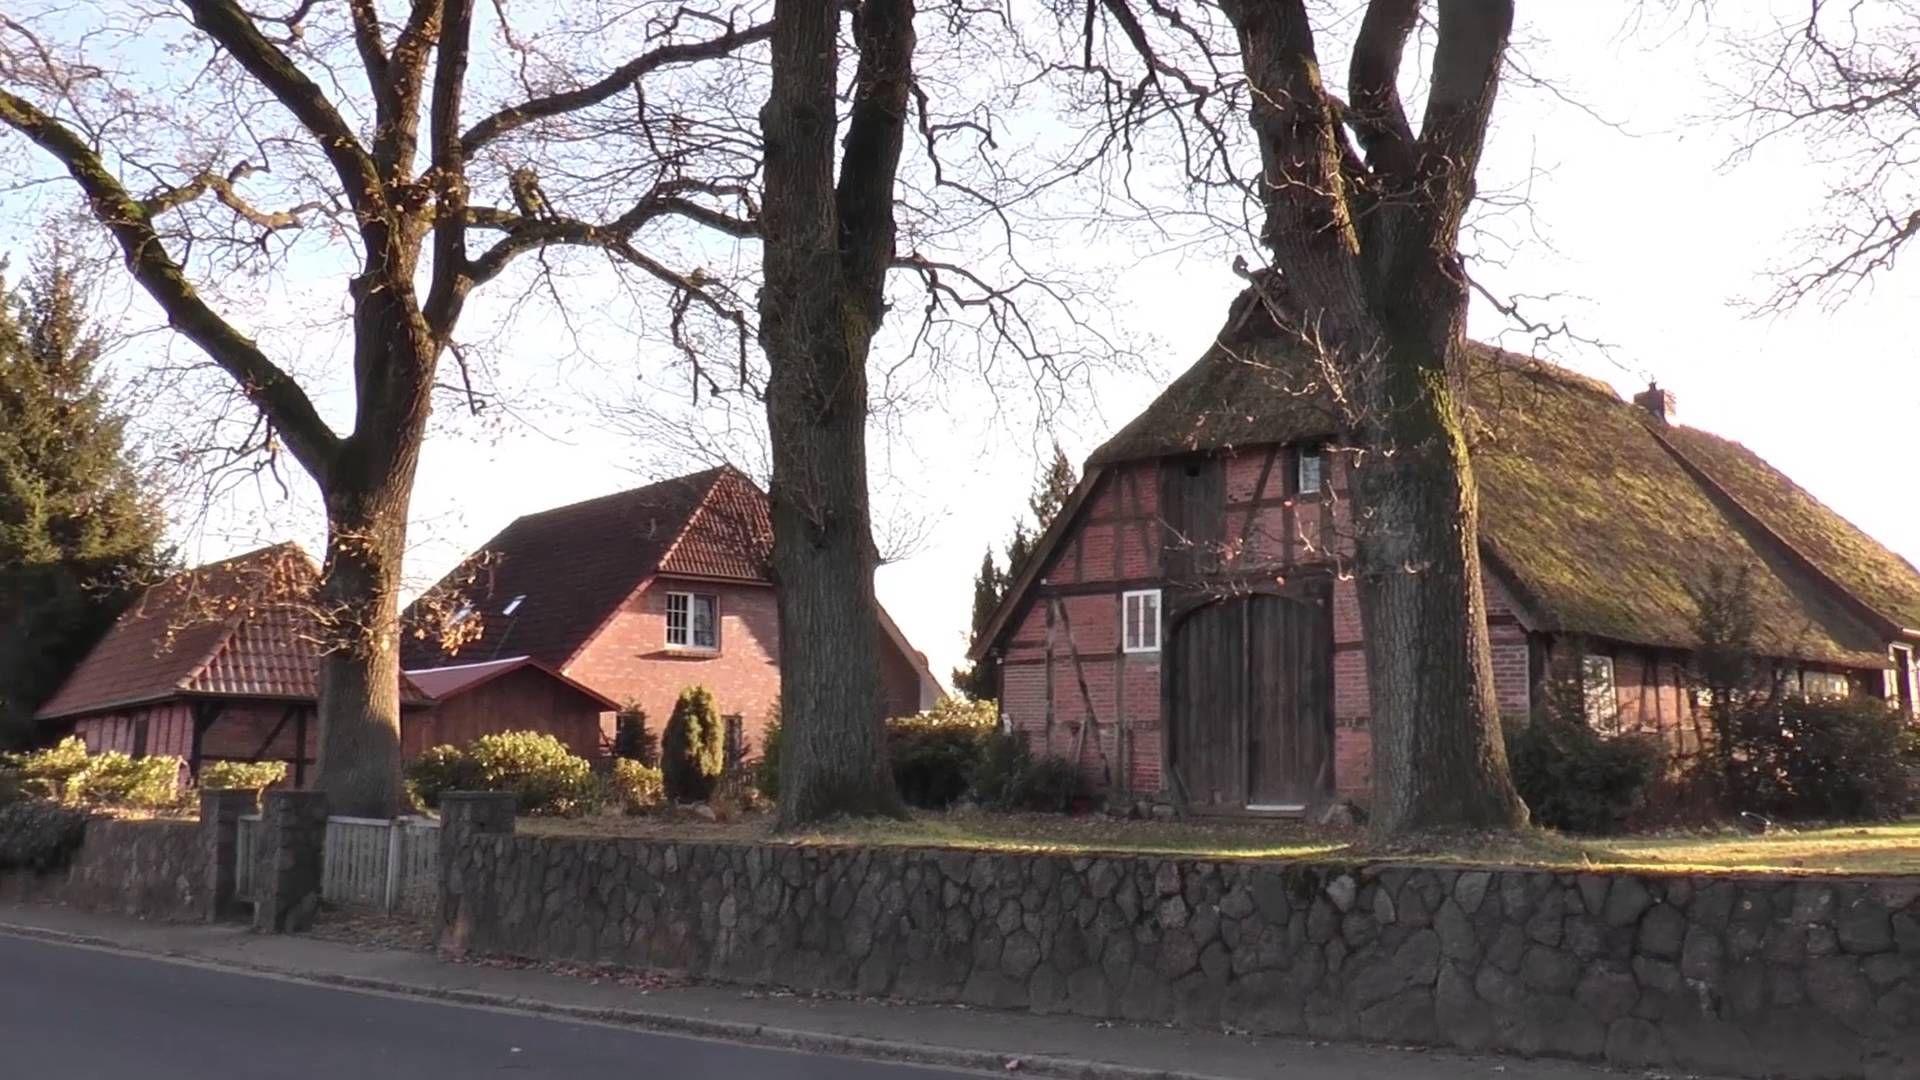 Hier ist nun unsere neueste Folge aus #Amelinghausen in der Lüneburger Heide. Gute Unterhaltung !